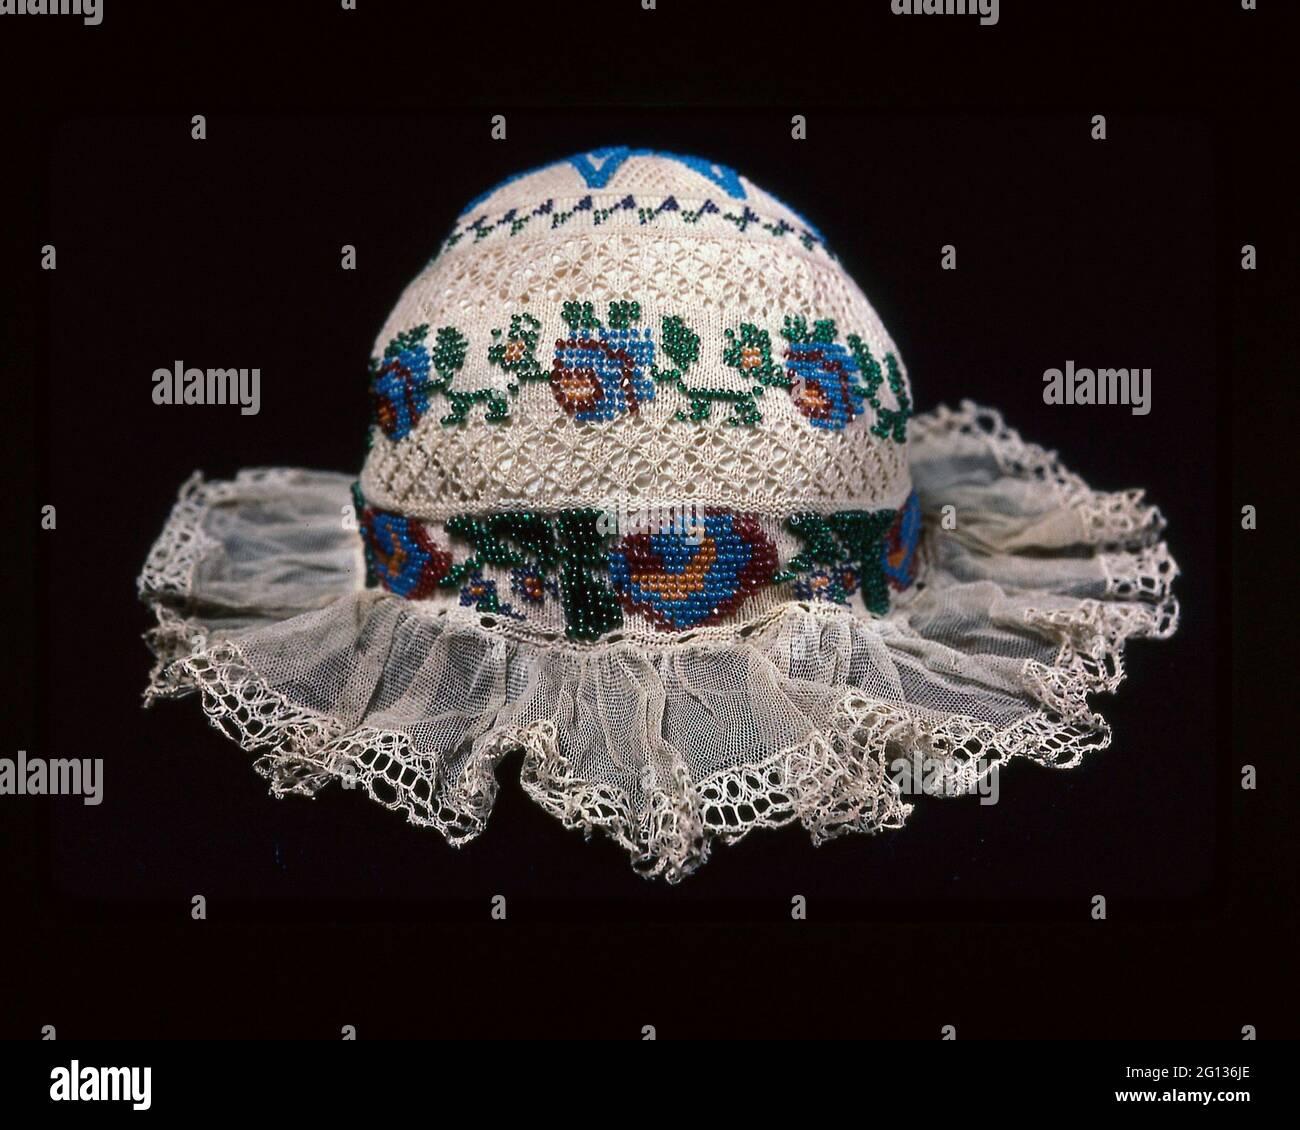 Enfant - s Cap - 19e siècle - Europe. Coton, tricot Uni avec dentelle bobin de coton; bordé de dentelle bobbin de lin; coton, liens tissés Unis; verre Banque D'Images